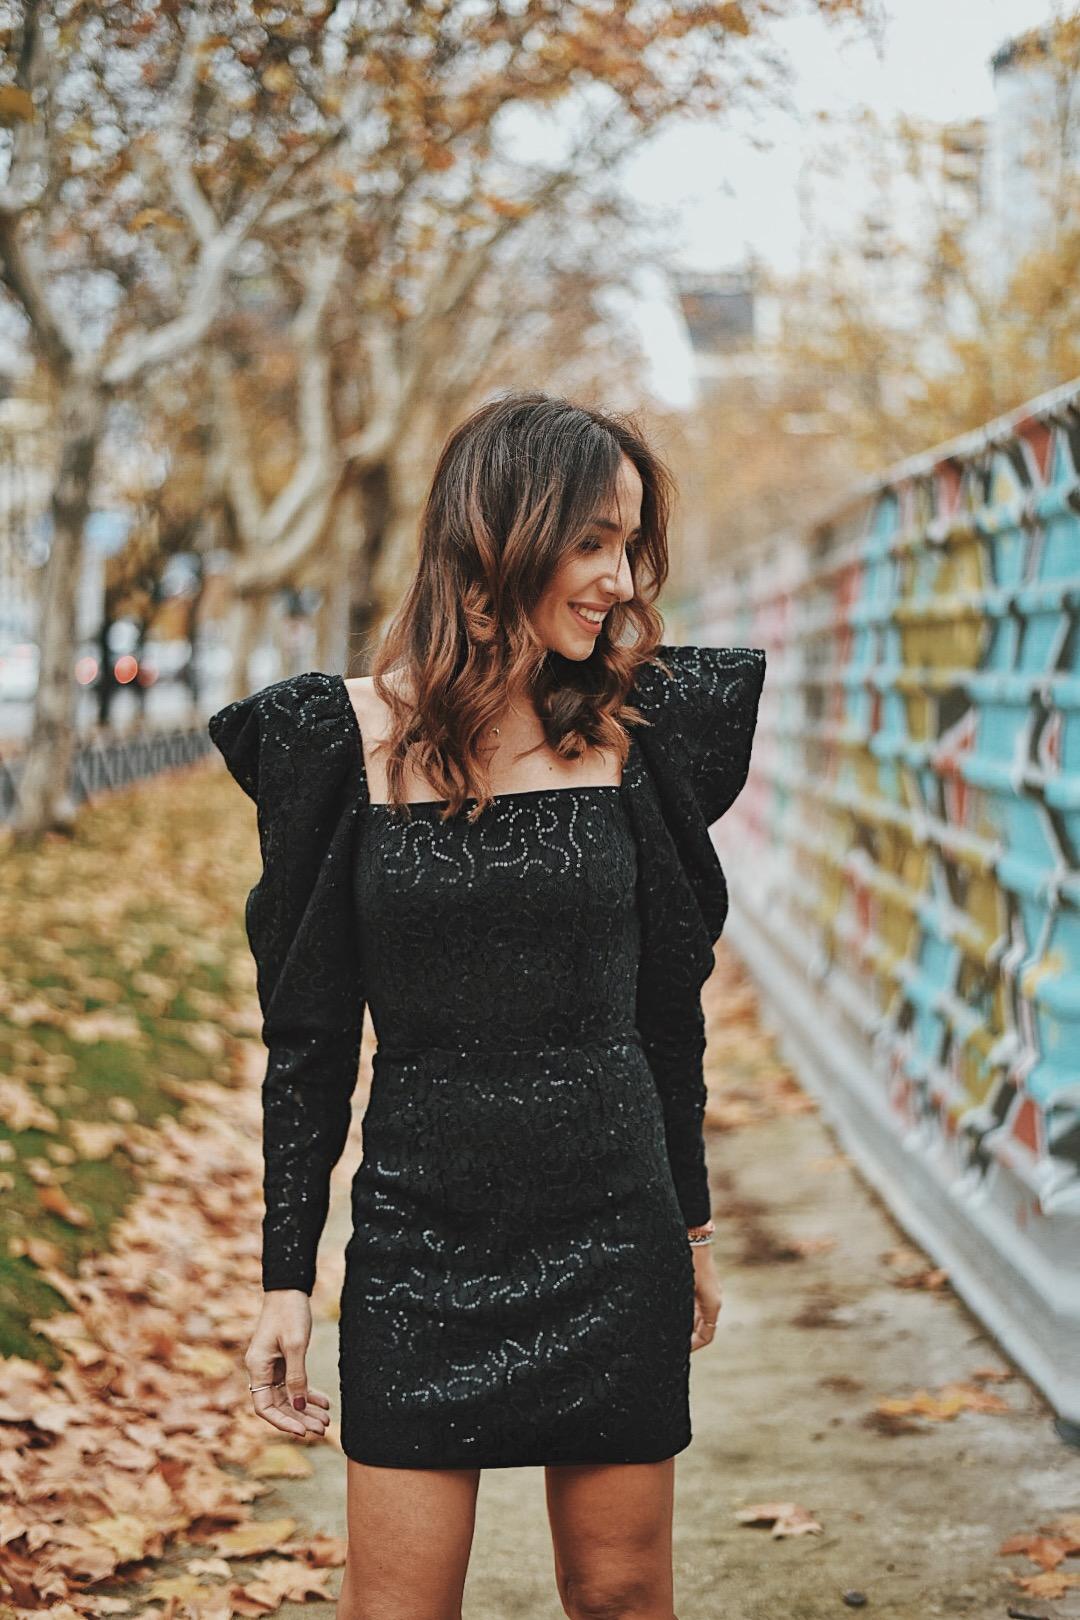 el-blog-de-silvia-look-invitada-vestido-corto-lentejuelas-boda-invierno